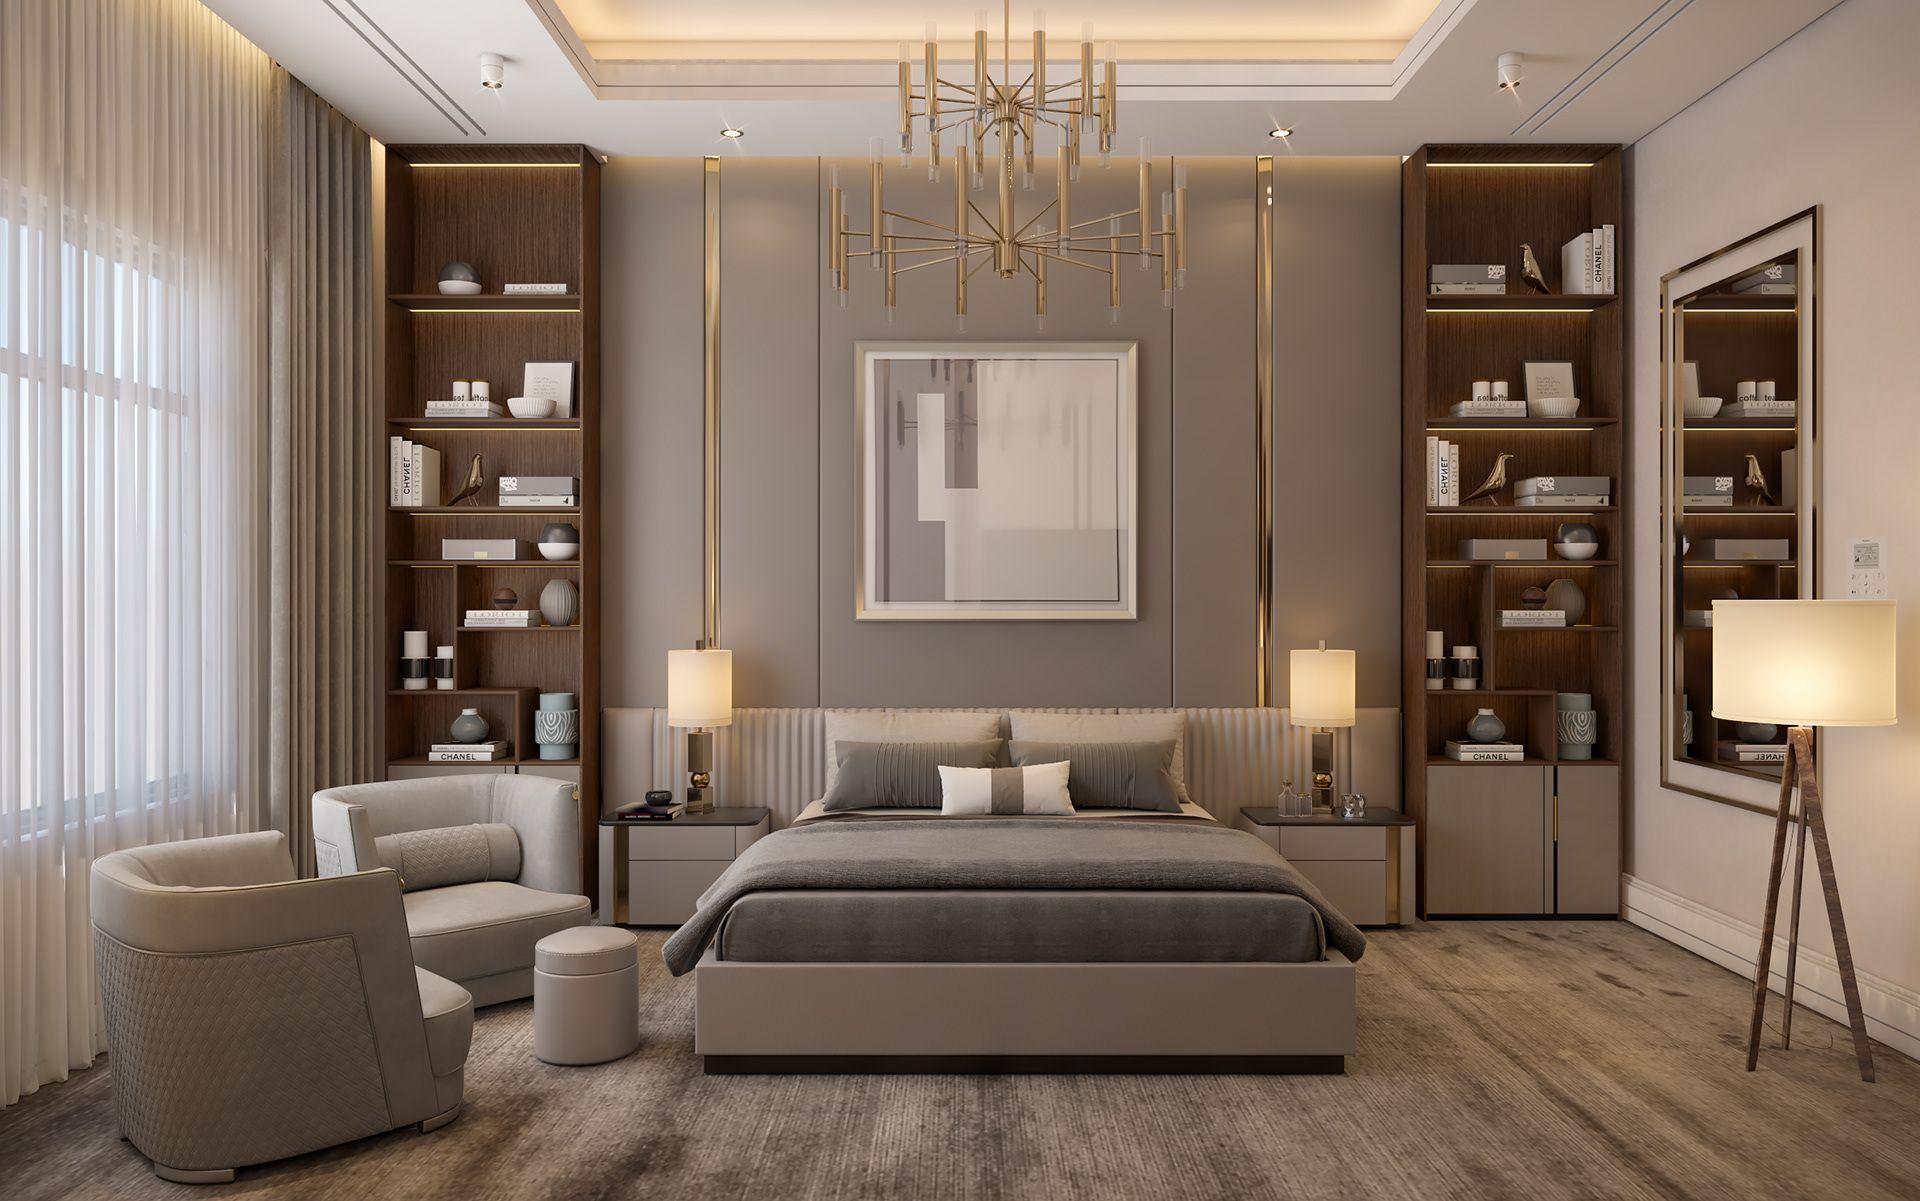 5 Star Hotel Bedroom On Behance Hotel Bedroom Design Modern Luxury Bedroom Luxurious Bedrooms Luxury hotel room design